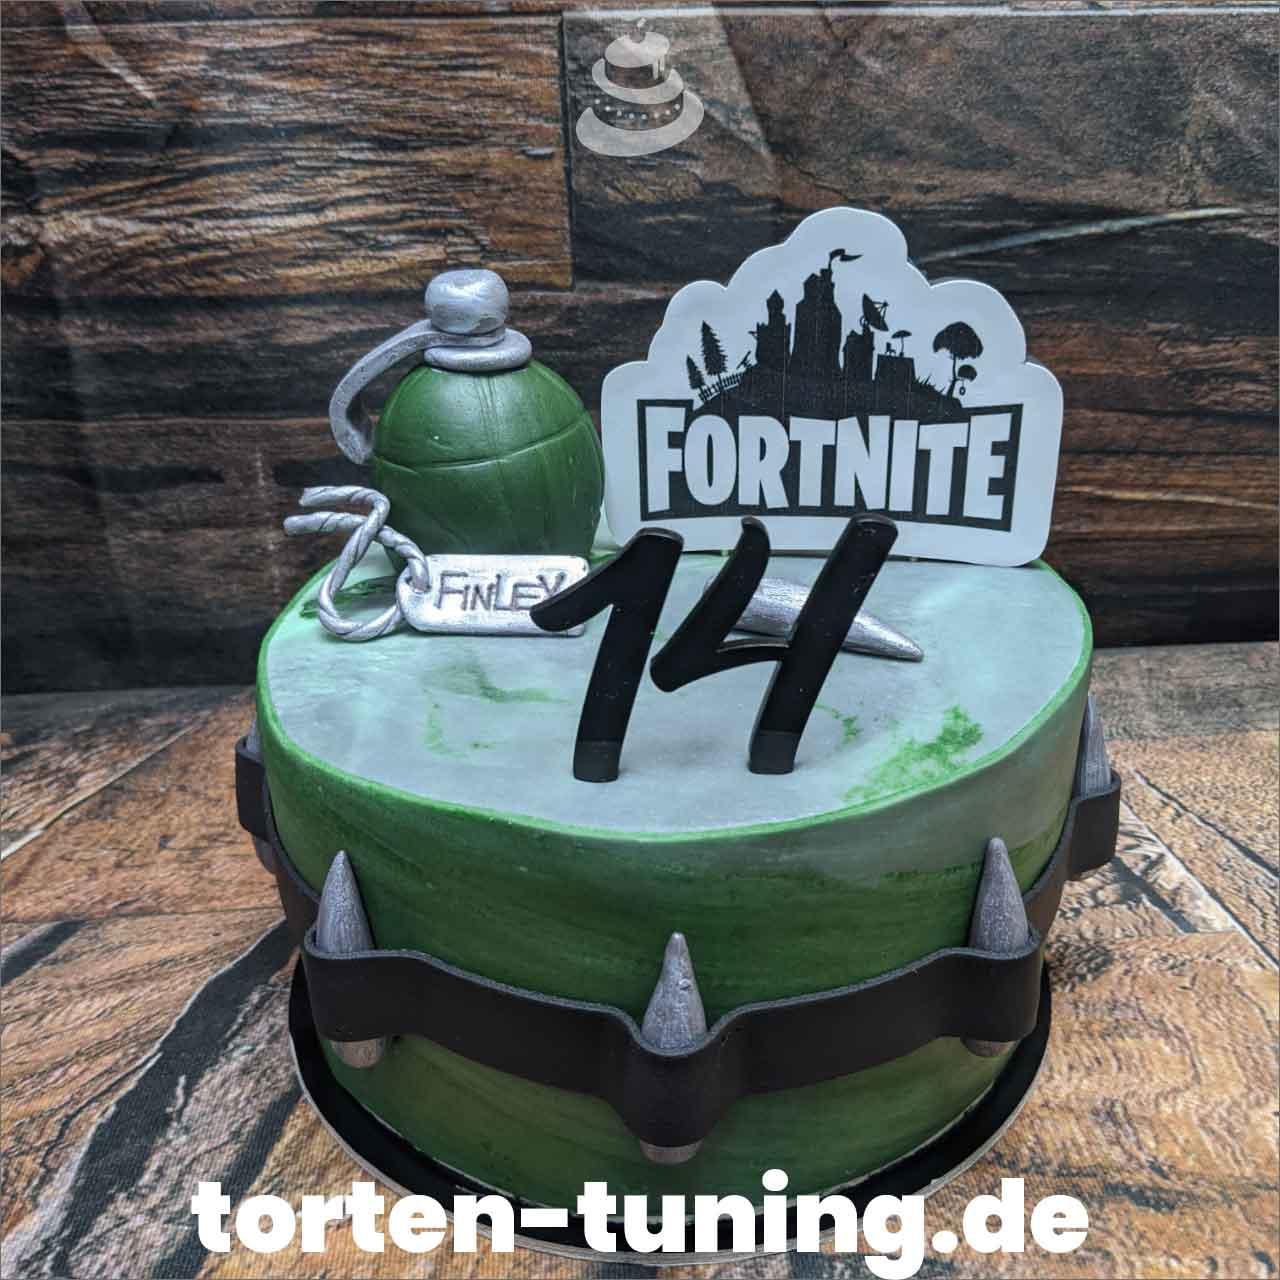 Fortnite Torte Torten Tuning Tortendekoration Geburtstagstorten Suhl Thüringen Backzubehörshop online bestellen Jugendweihe modellierte Figur